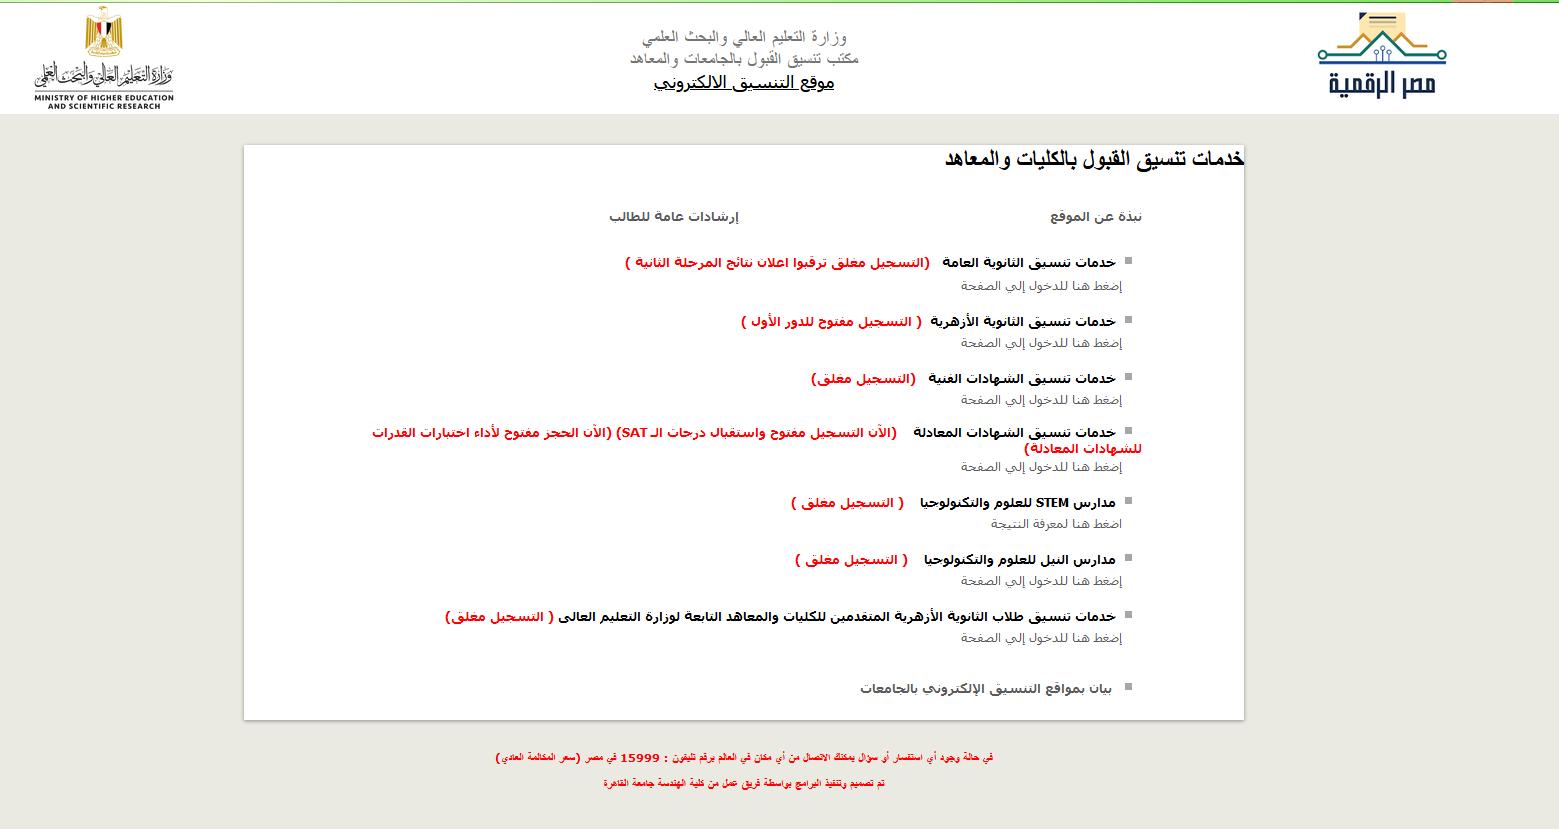 نتيجة تنسيق المرحلة الثانية 2021 علمي علوم أدبي بوابة الحكومة المصرية